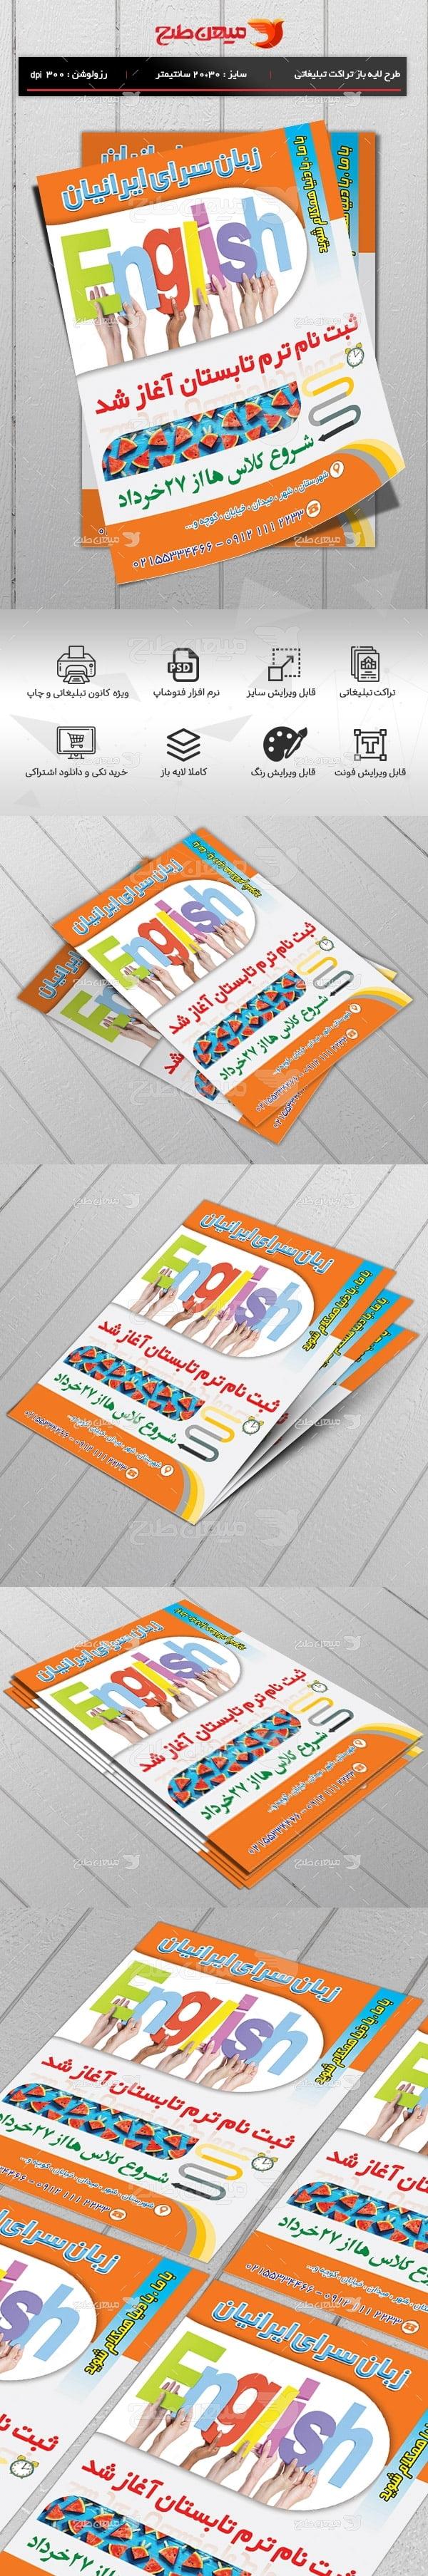 طرح پوستر لایه باز زبانسرا ایرانیان